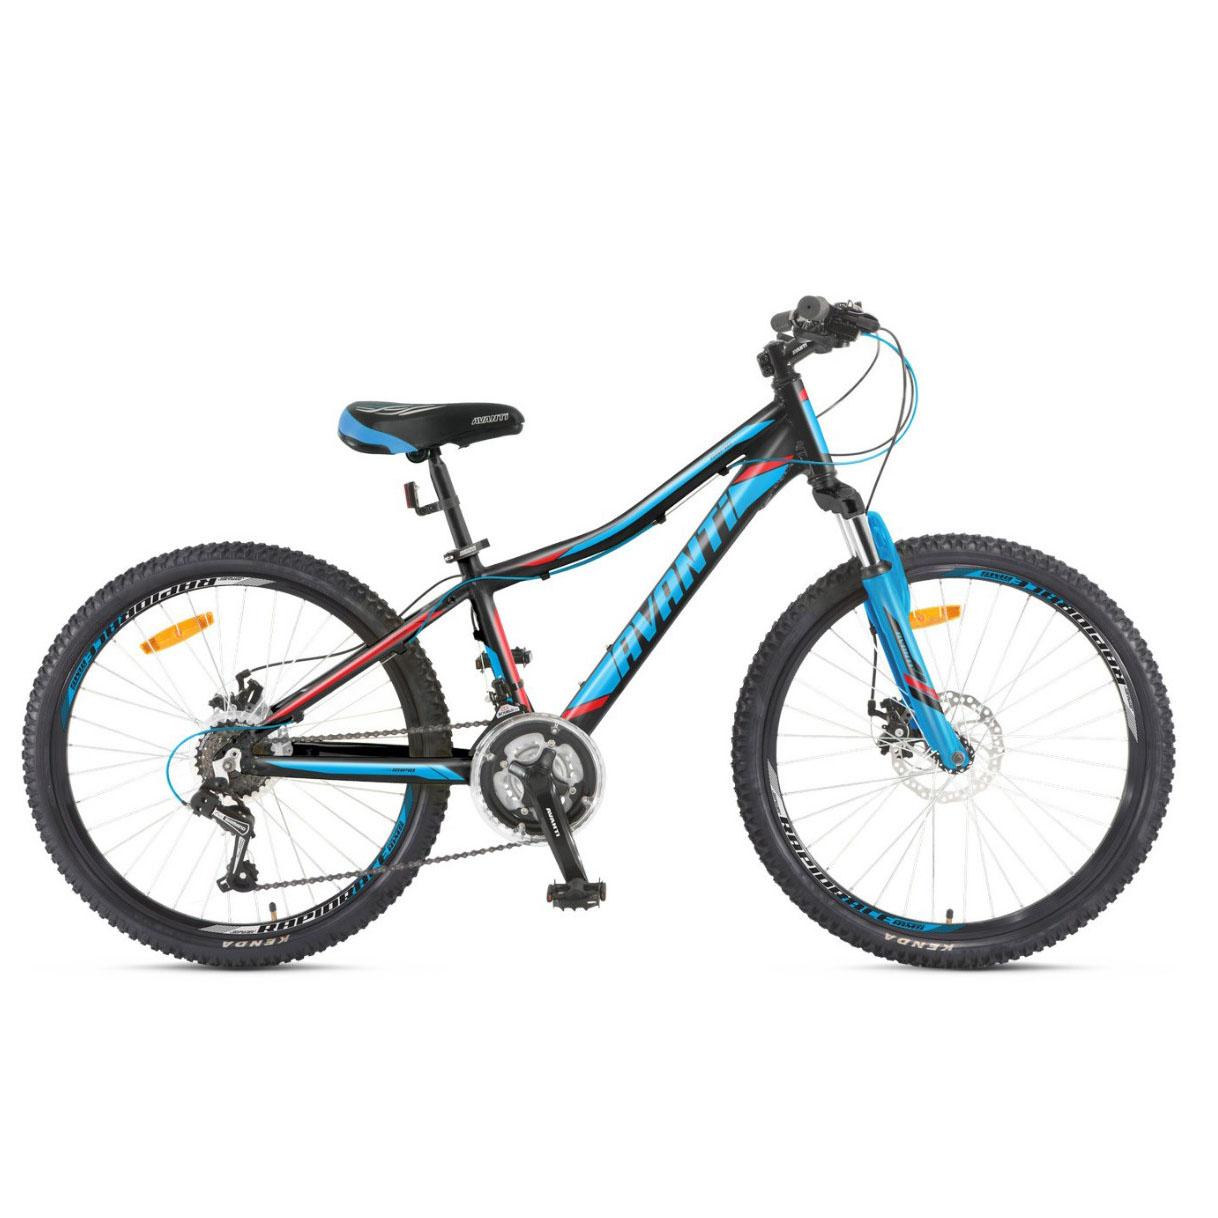 Фото Подростковый Велосипед 24 Avanti Rapid disk 2018 черно-сине-красный